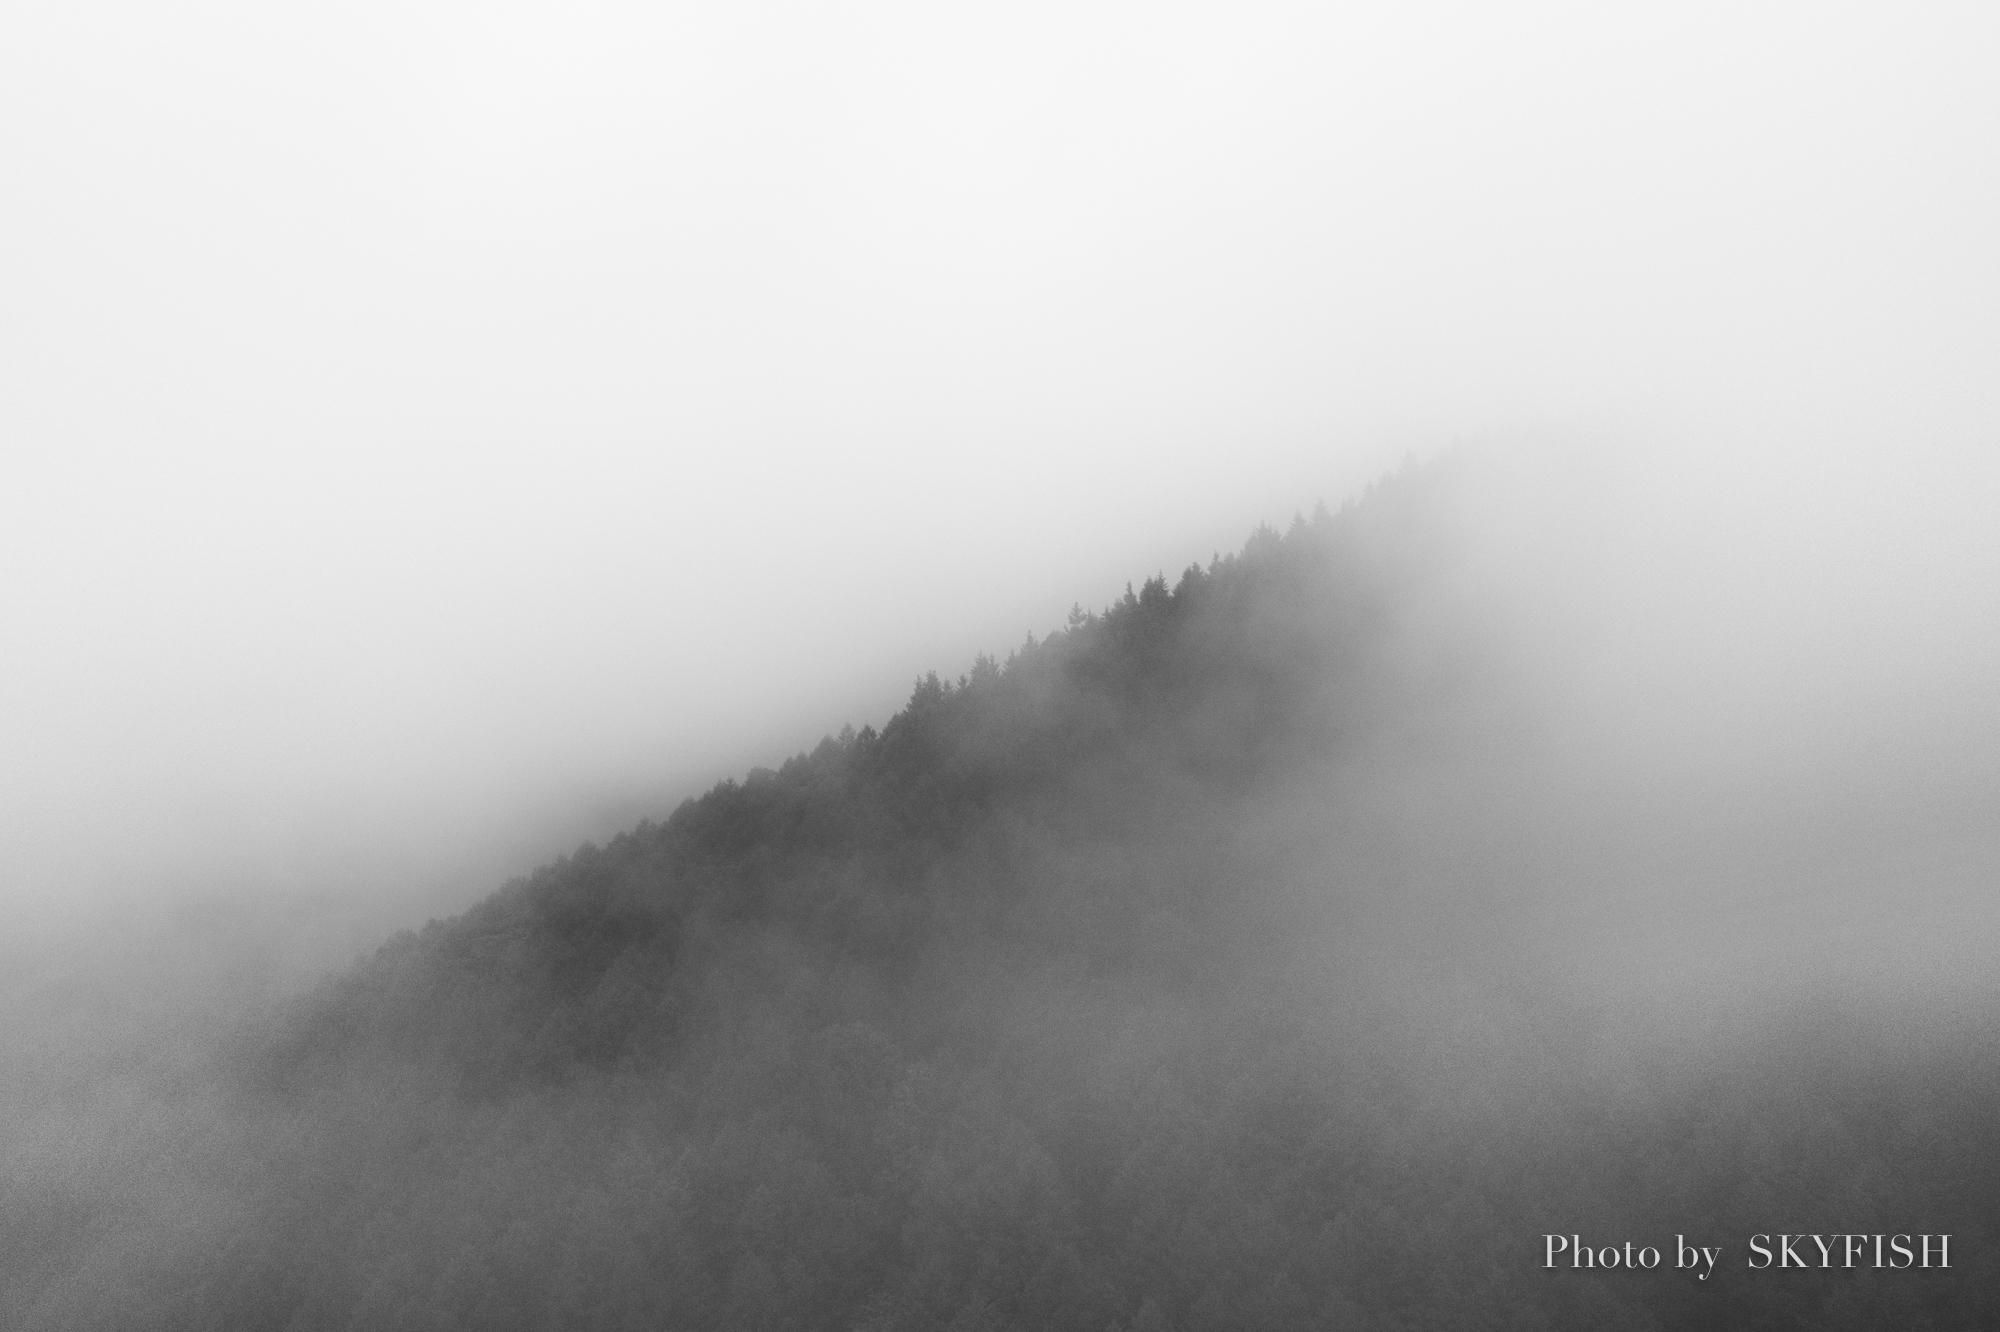 ドローンで空撮した霧の森